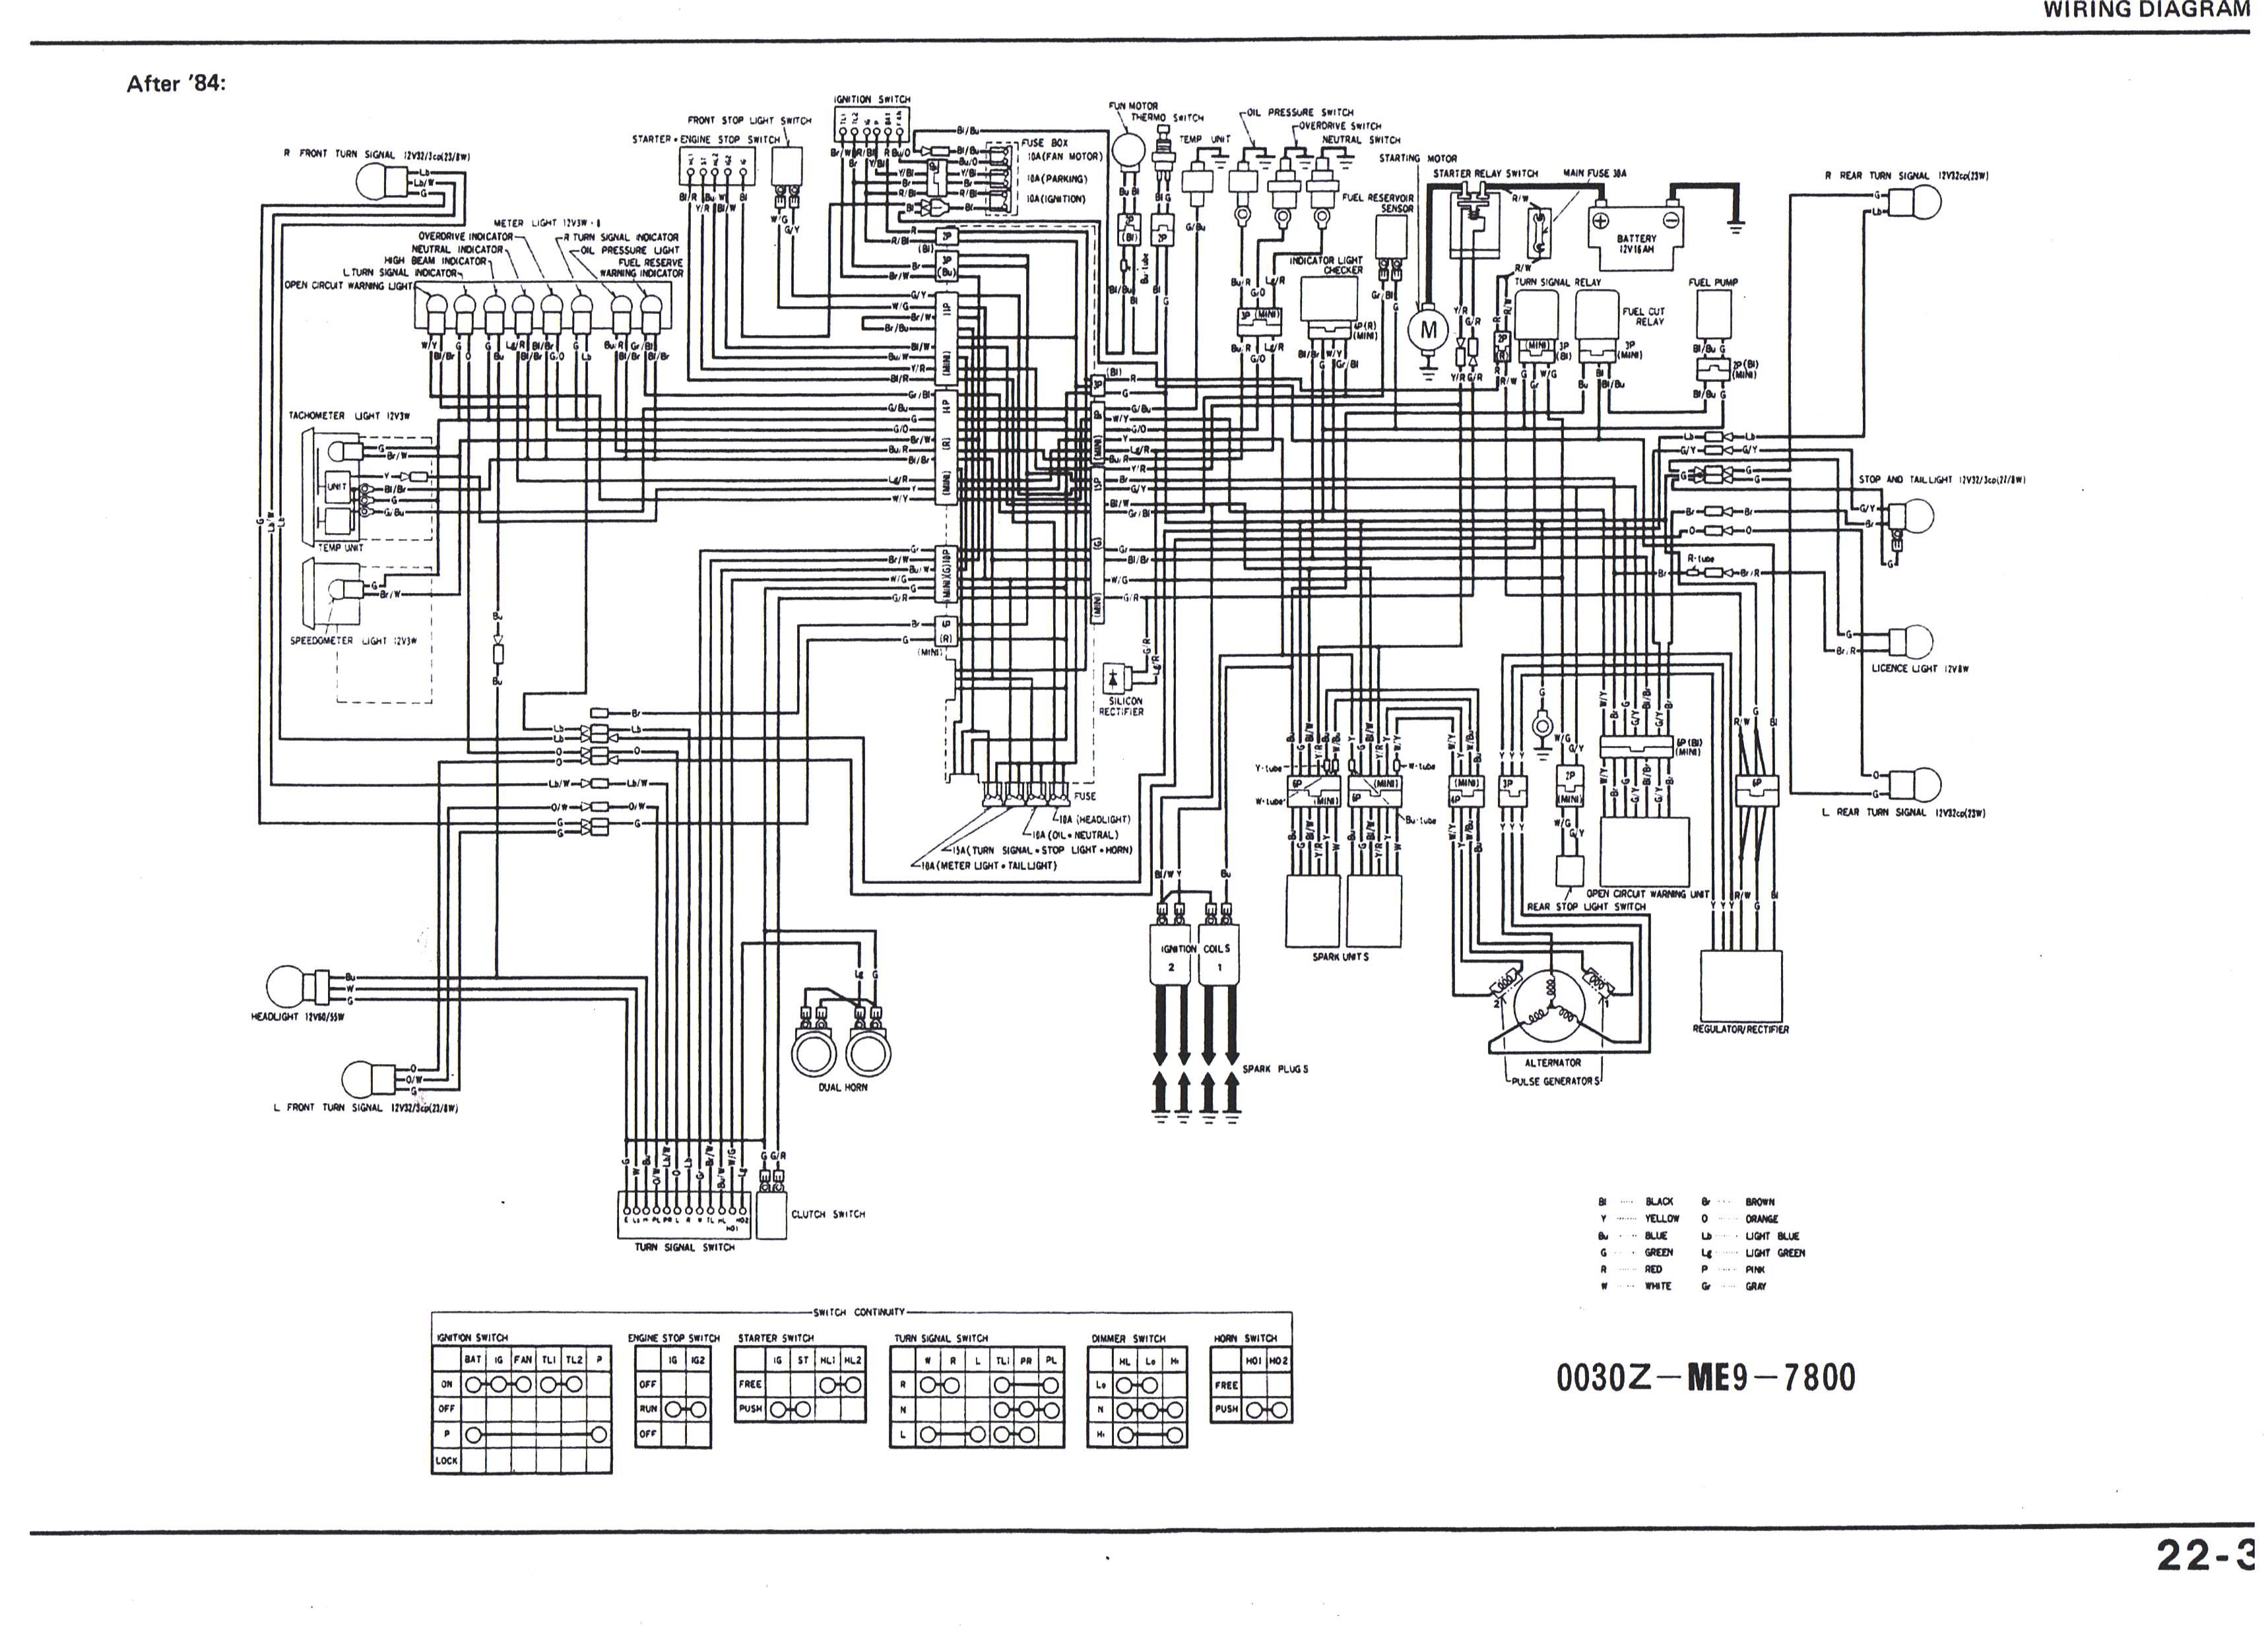 schematy i instrukcje napraw motorower u00f3w  motocykli